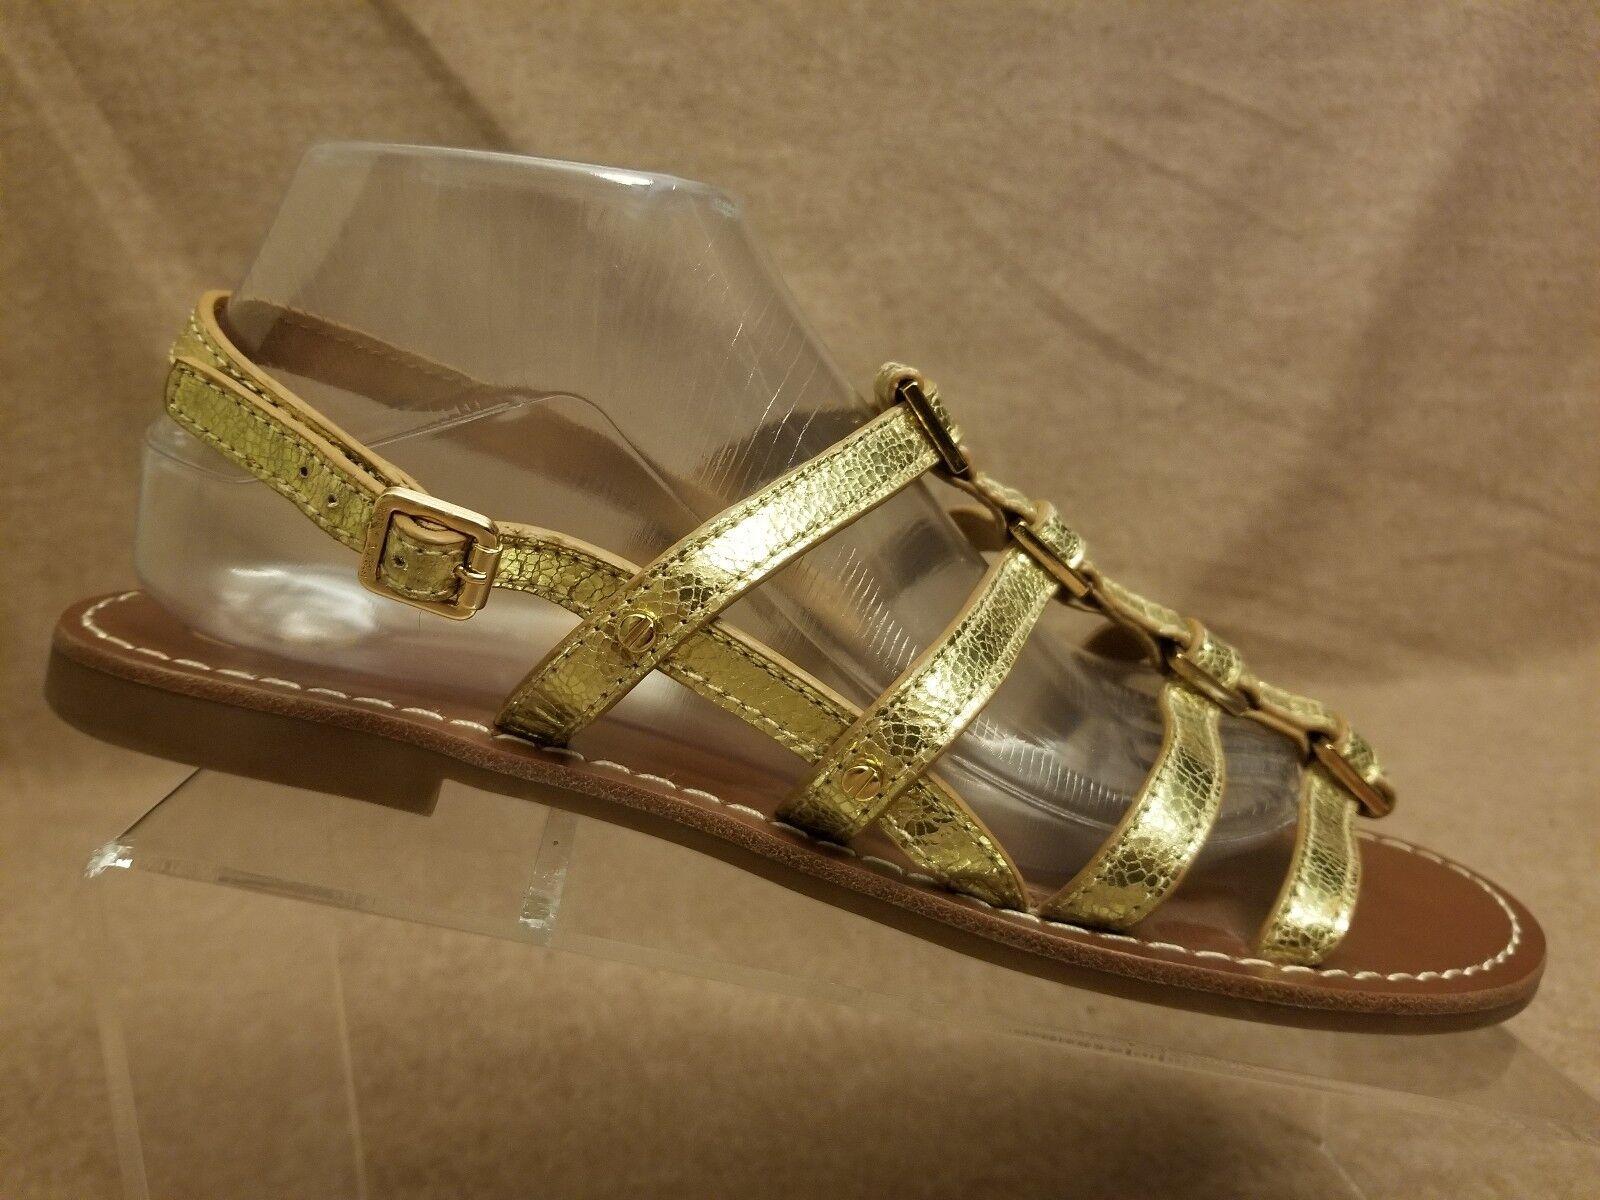 Tory Burch femmes en cuir doré métallisé MARRON Gladiateur Sandales Sz 11 M